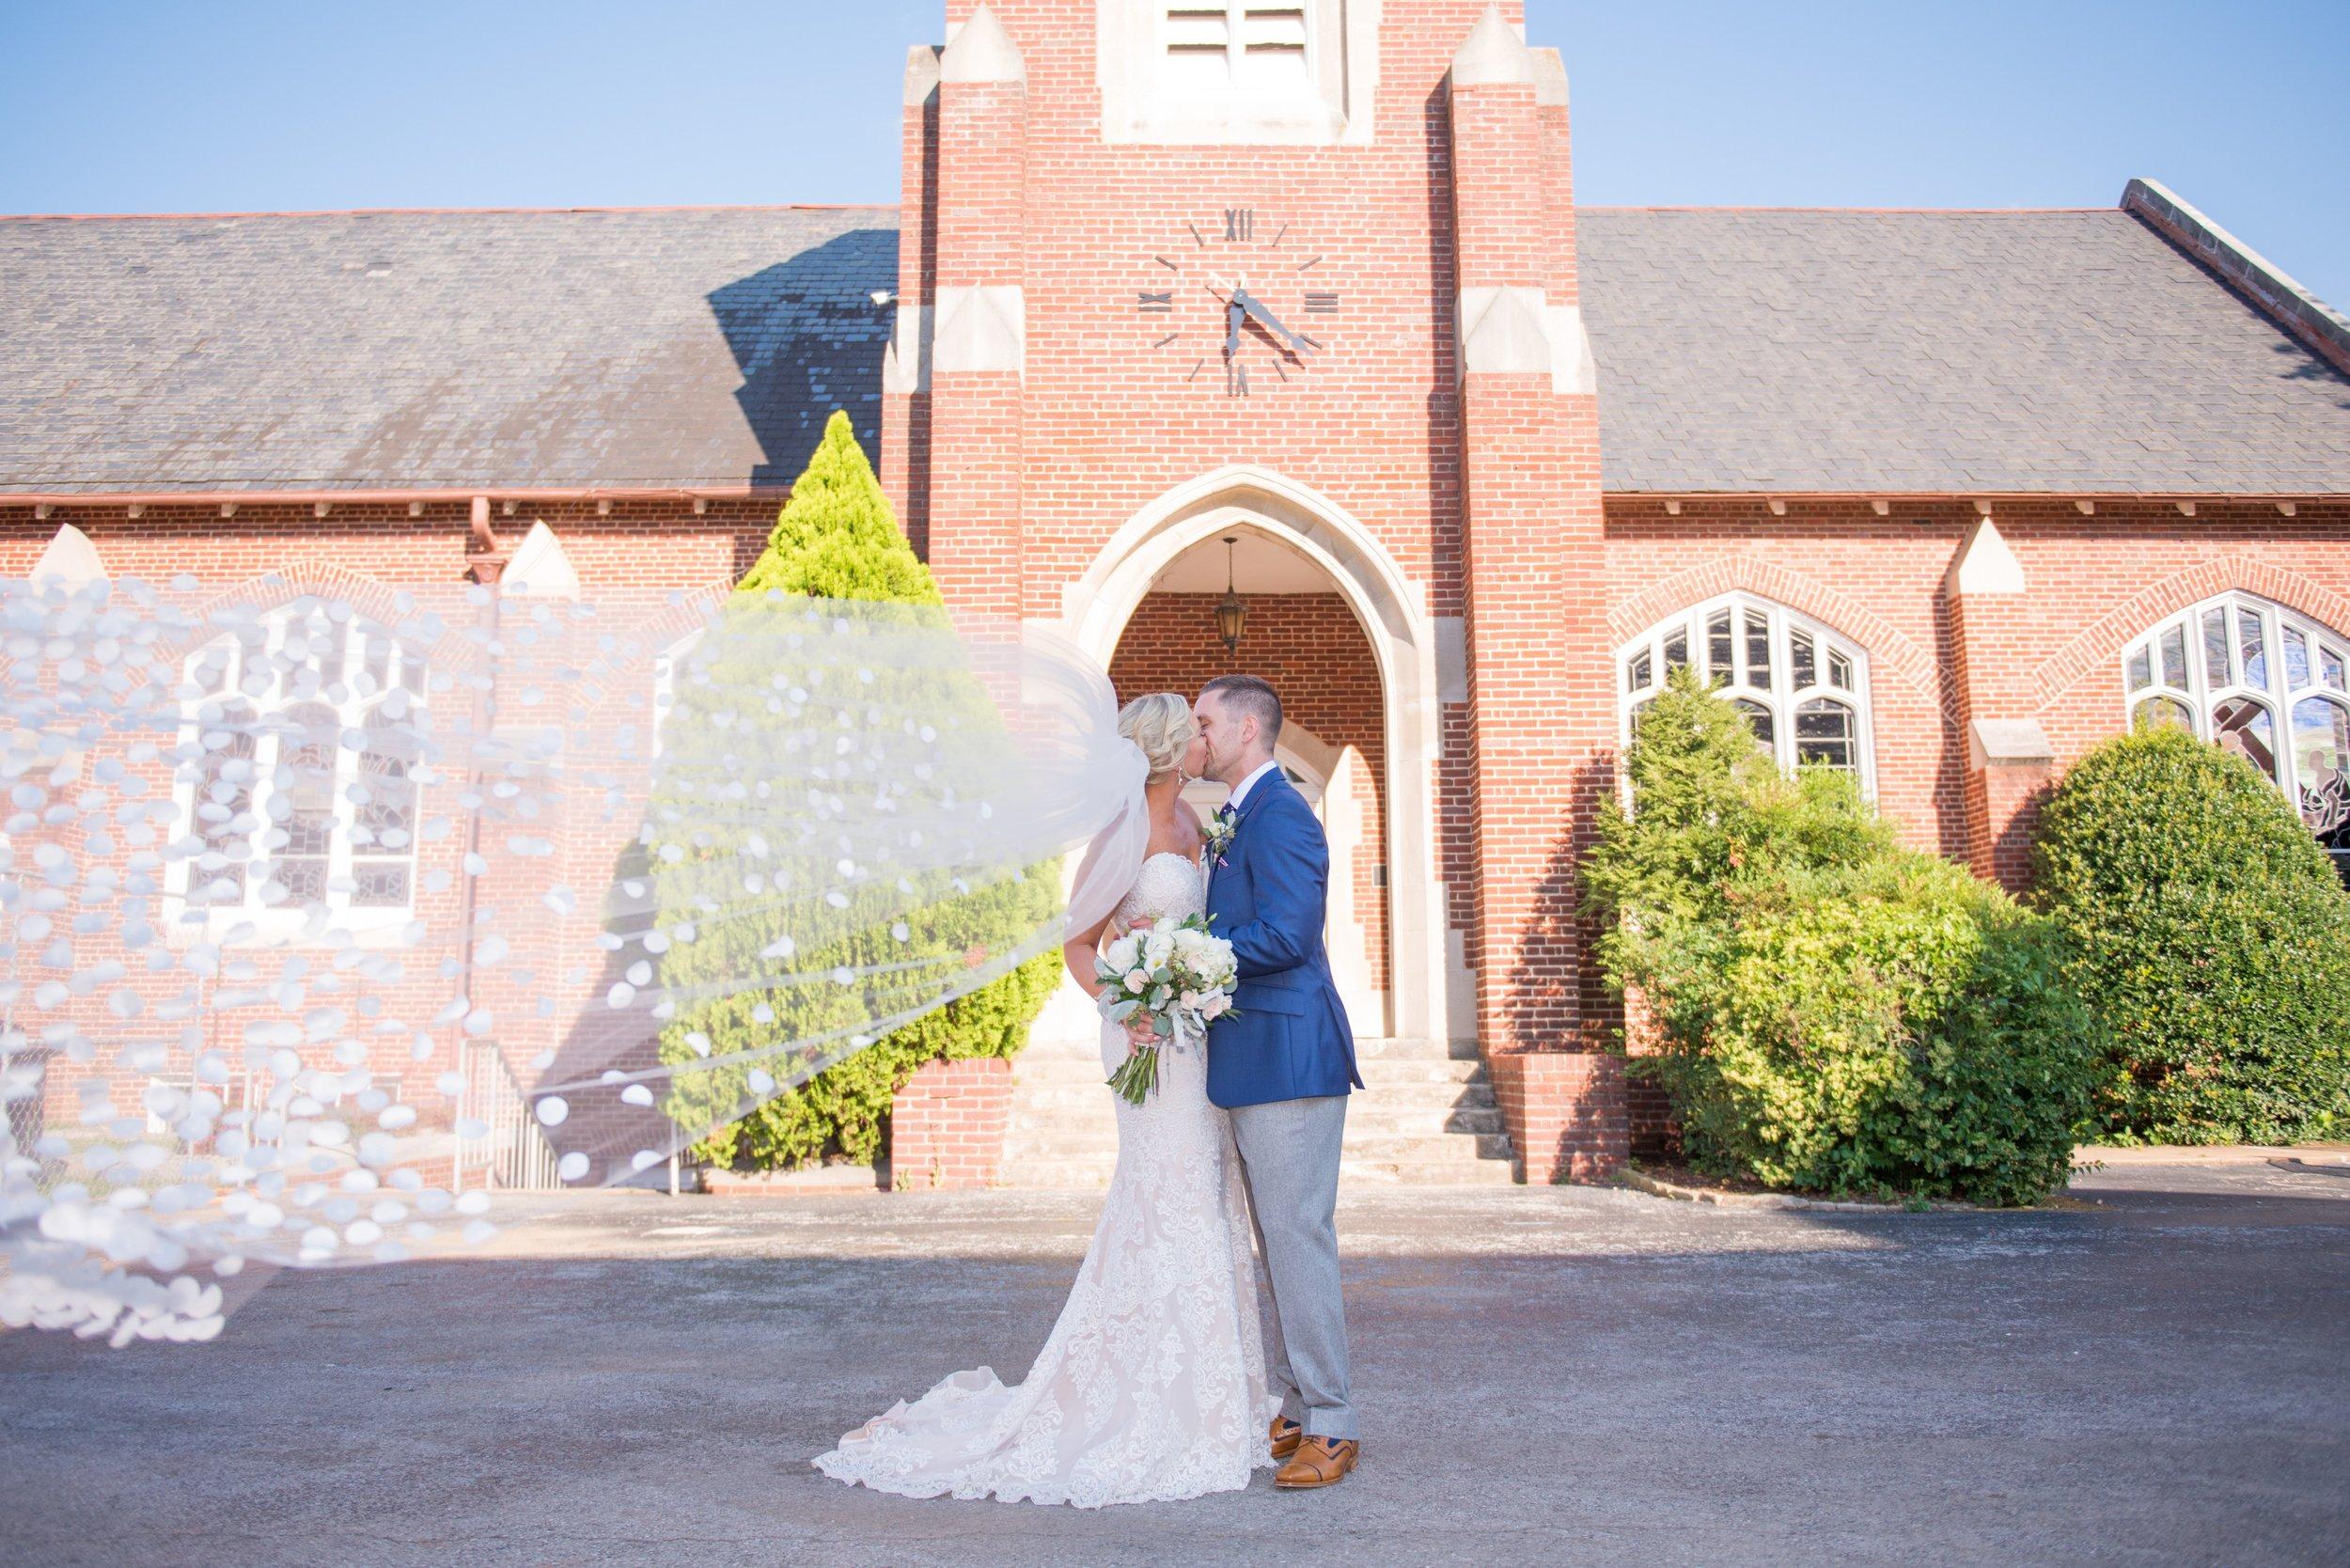 00001_Stover-WeddingSp-94.jpg